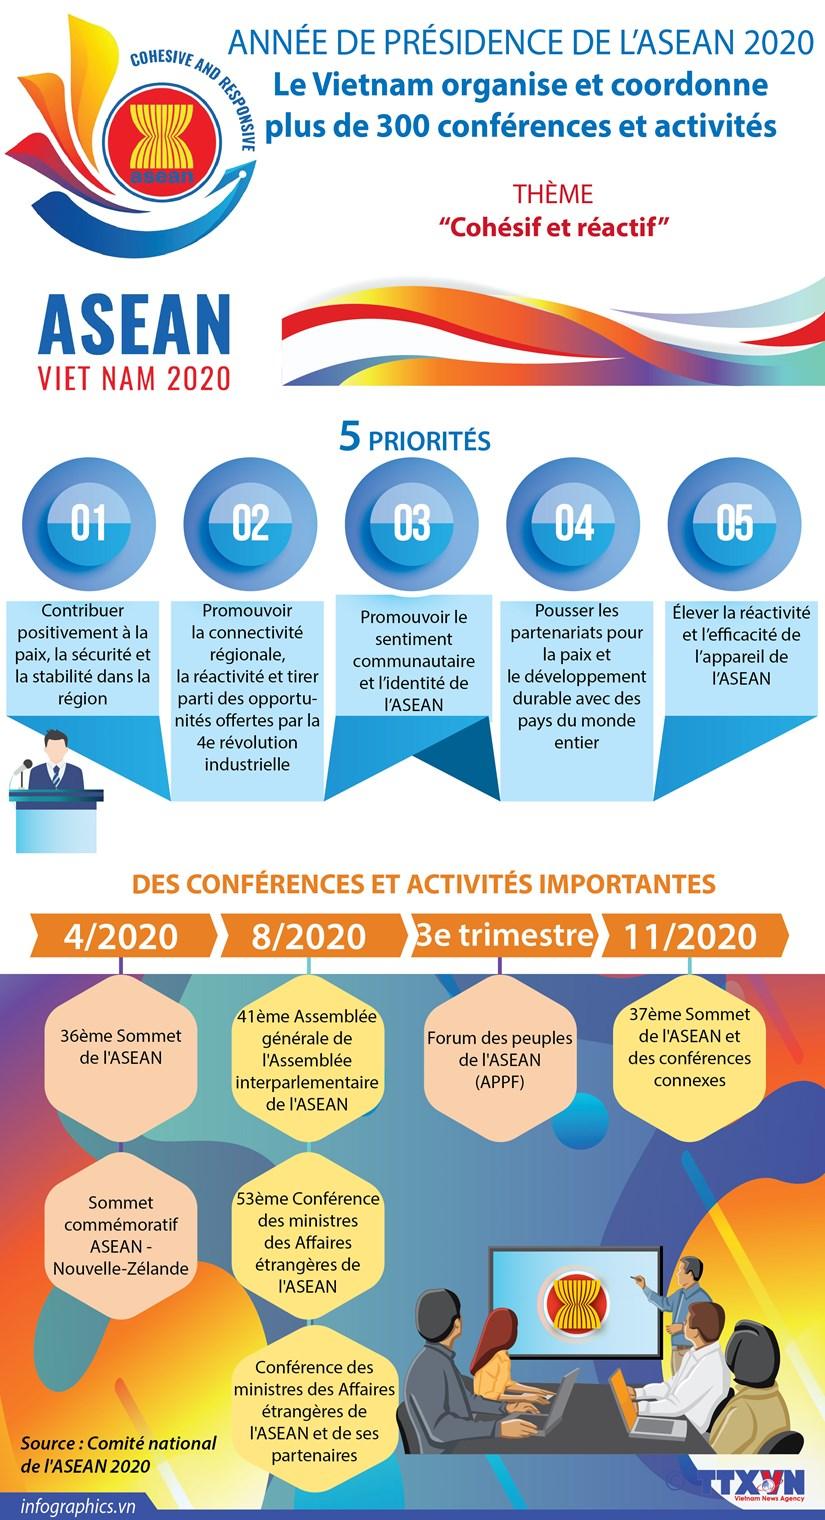 ASEAN 2020: Le Vietnam organise et coordonne plus de 300 conferences et activites hinh anh 1